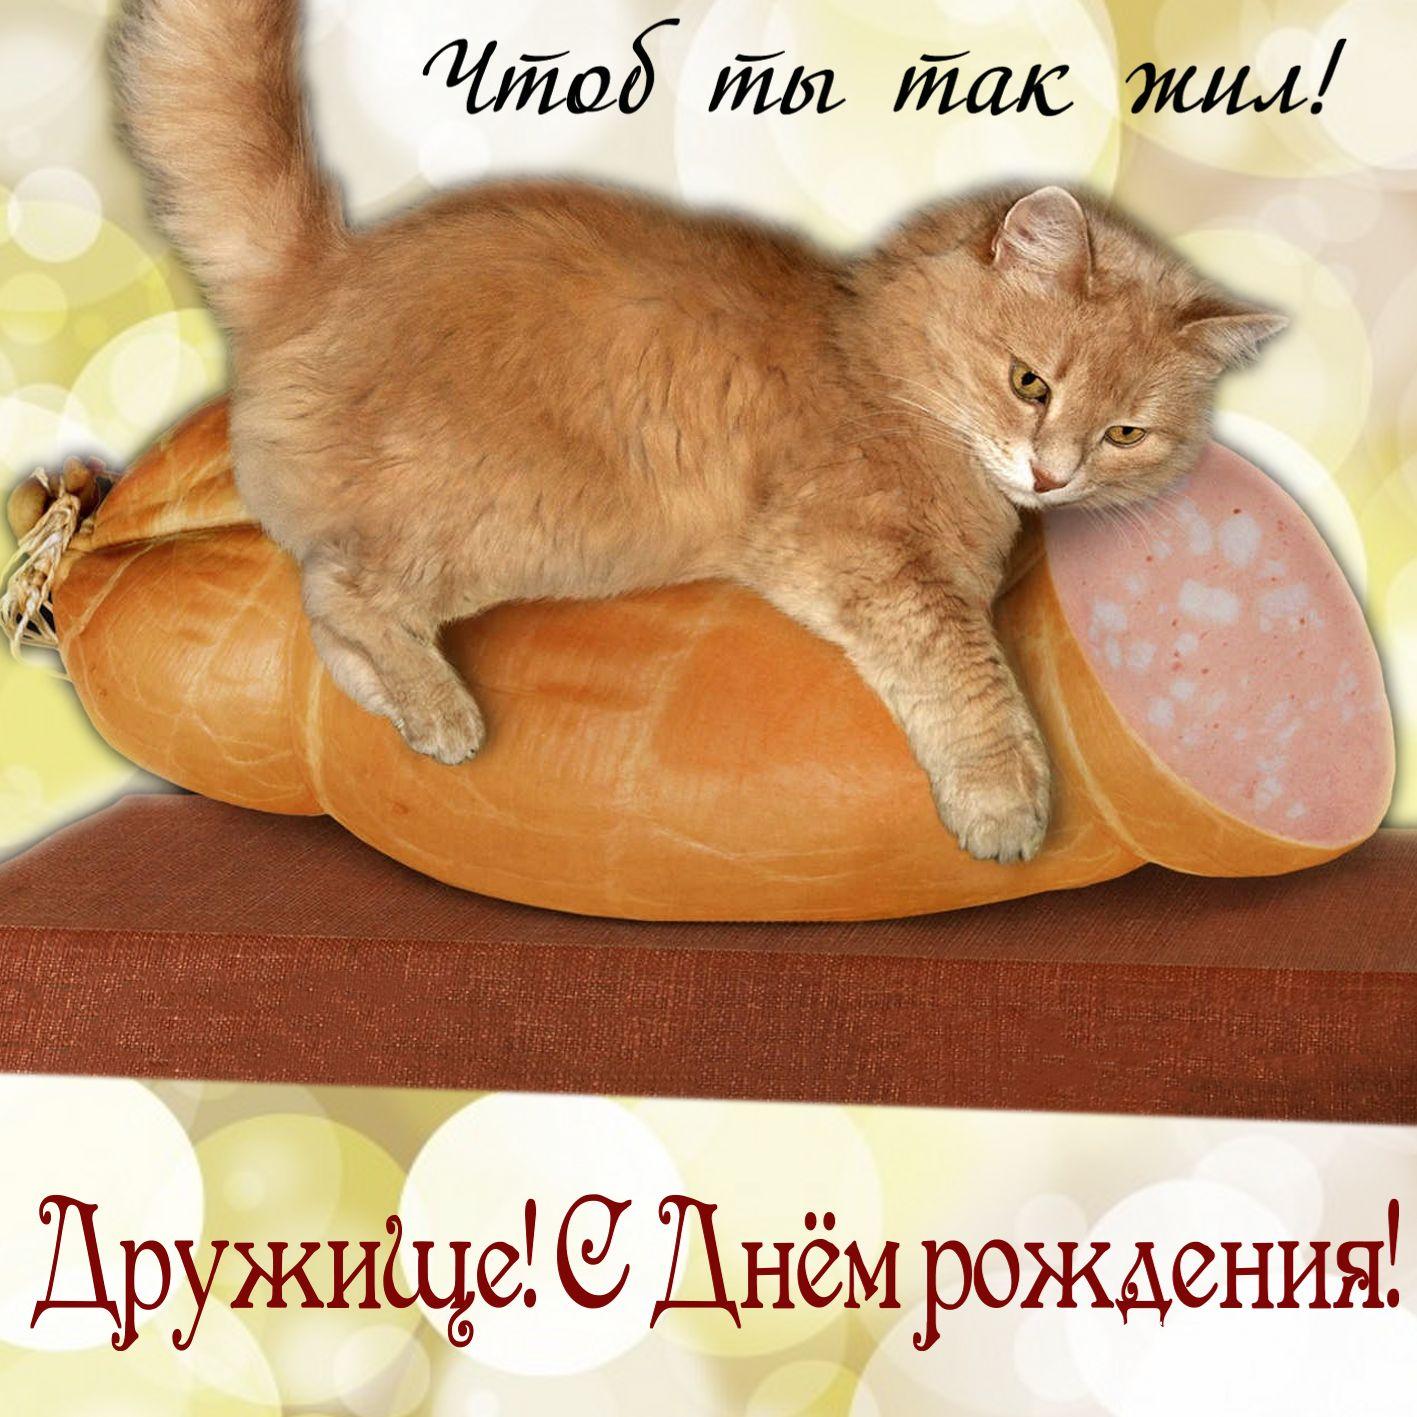 Забавная открытка с котом в обнимку с колбасой